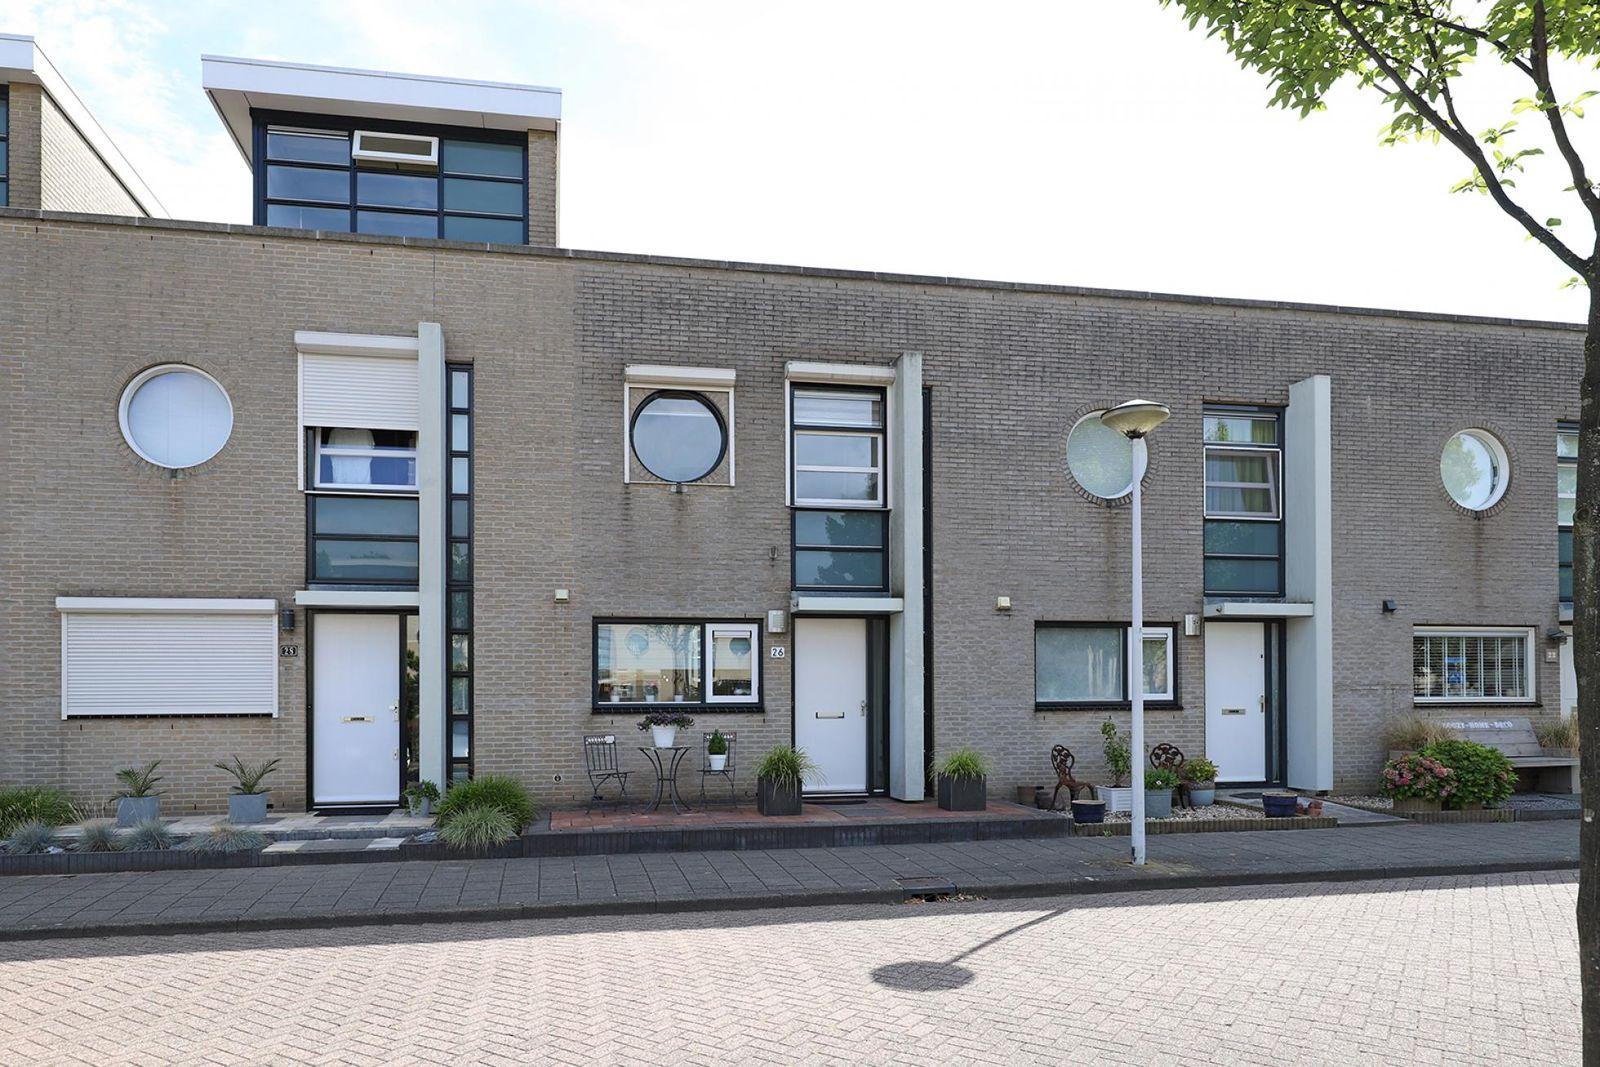 Zeeuwse schouw 26, Papendrecht